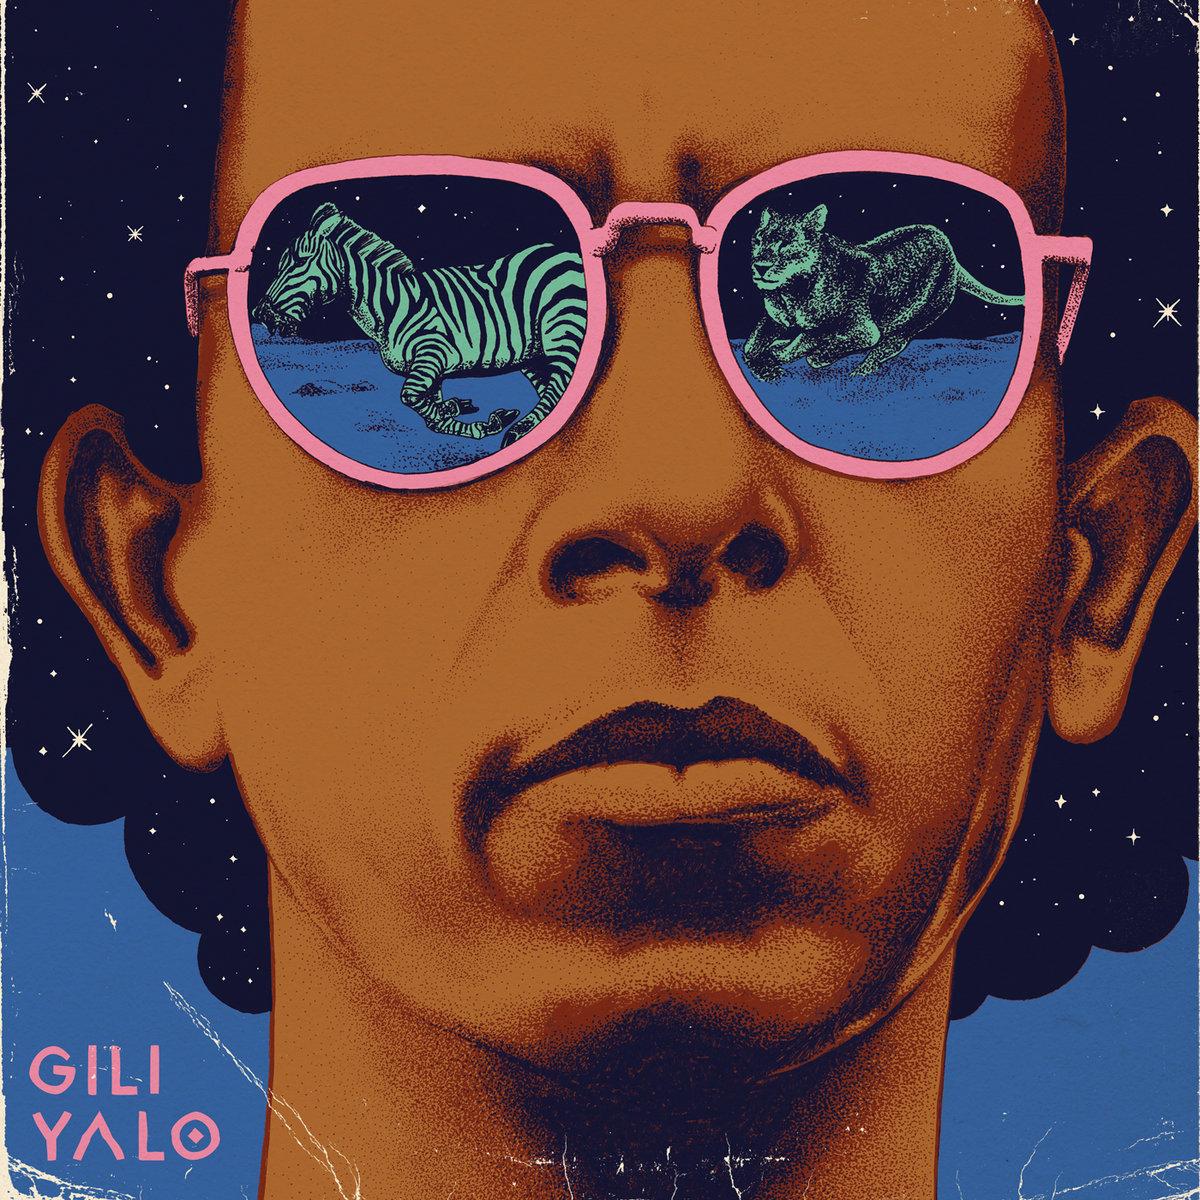 cover-gili-yalo-gili-yalo-2017-alternati